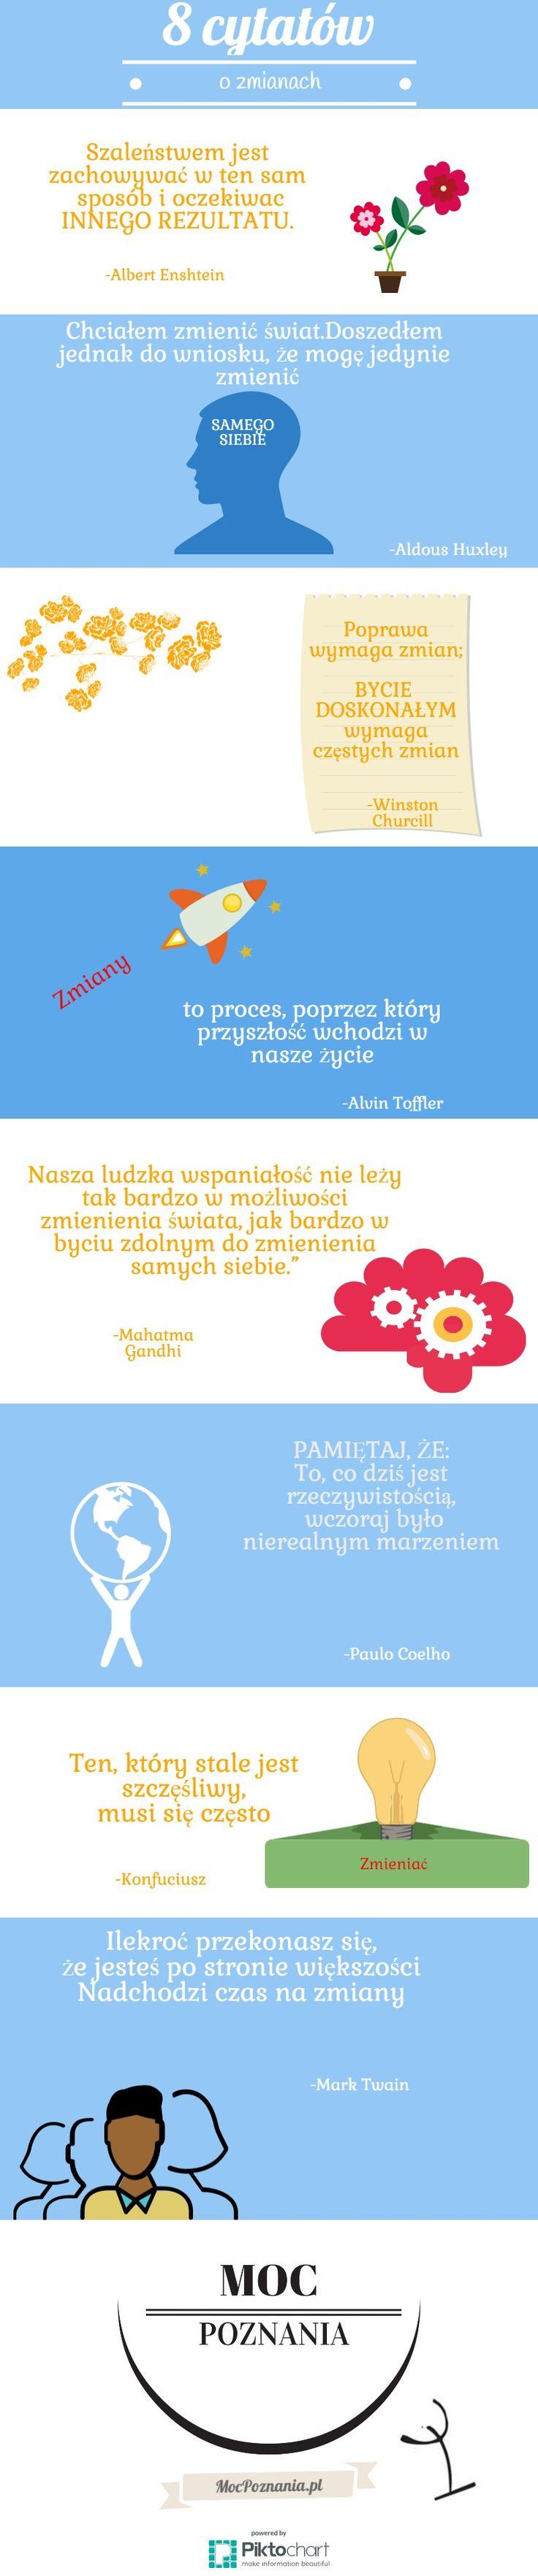 coaching,rozwój osobisty, zmień swoje życie na lepsze www.mocpoznania.pl